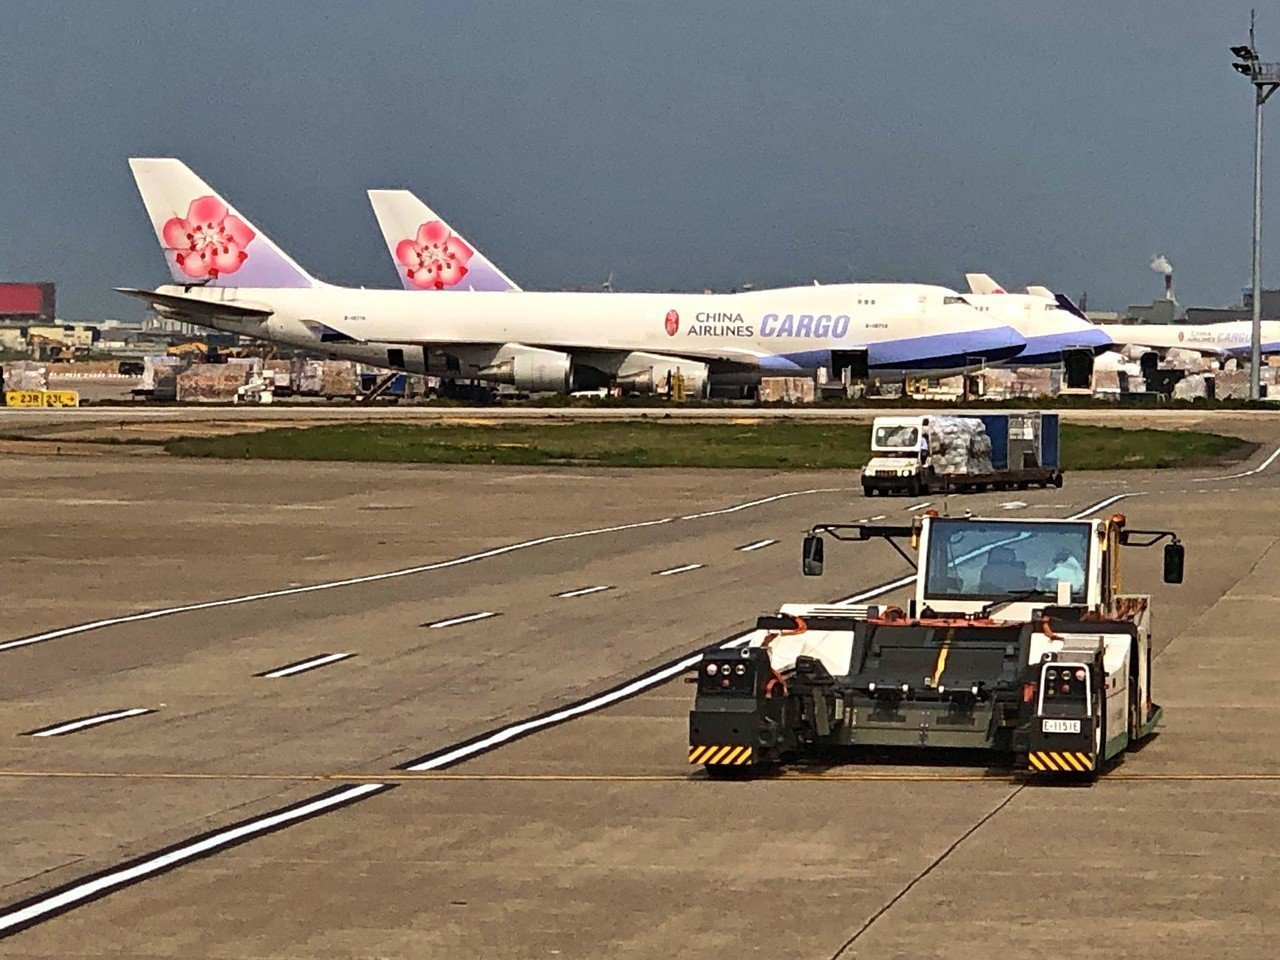 帛琉從台灣搭華航直飛4小時就可抵達。記者魏妤庭/攝影